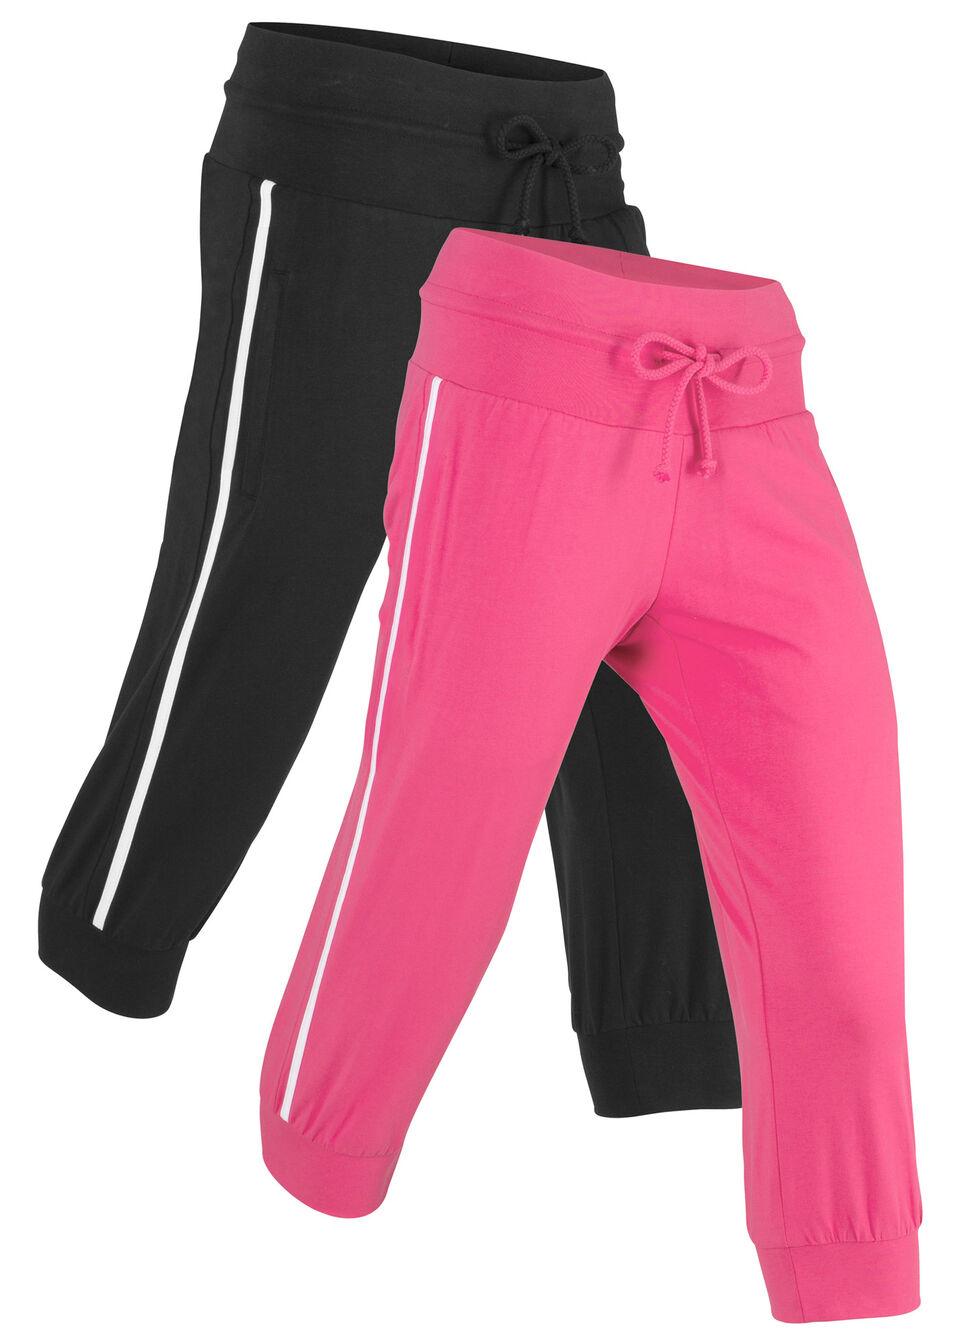 Купить Никербокеры спортивные 3/4 (2 шт.), bonprix, горячий ярко-розовый/черный